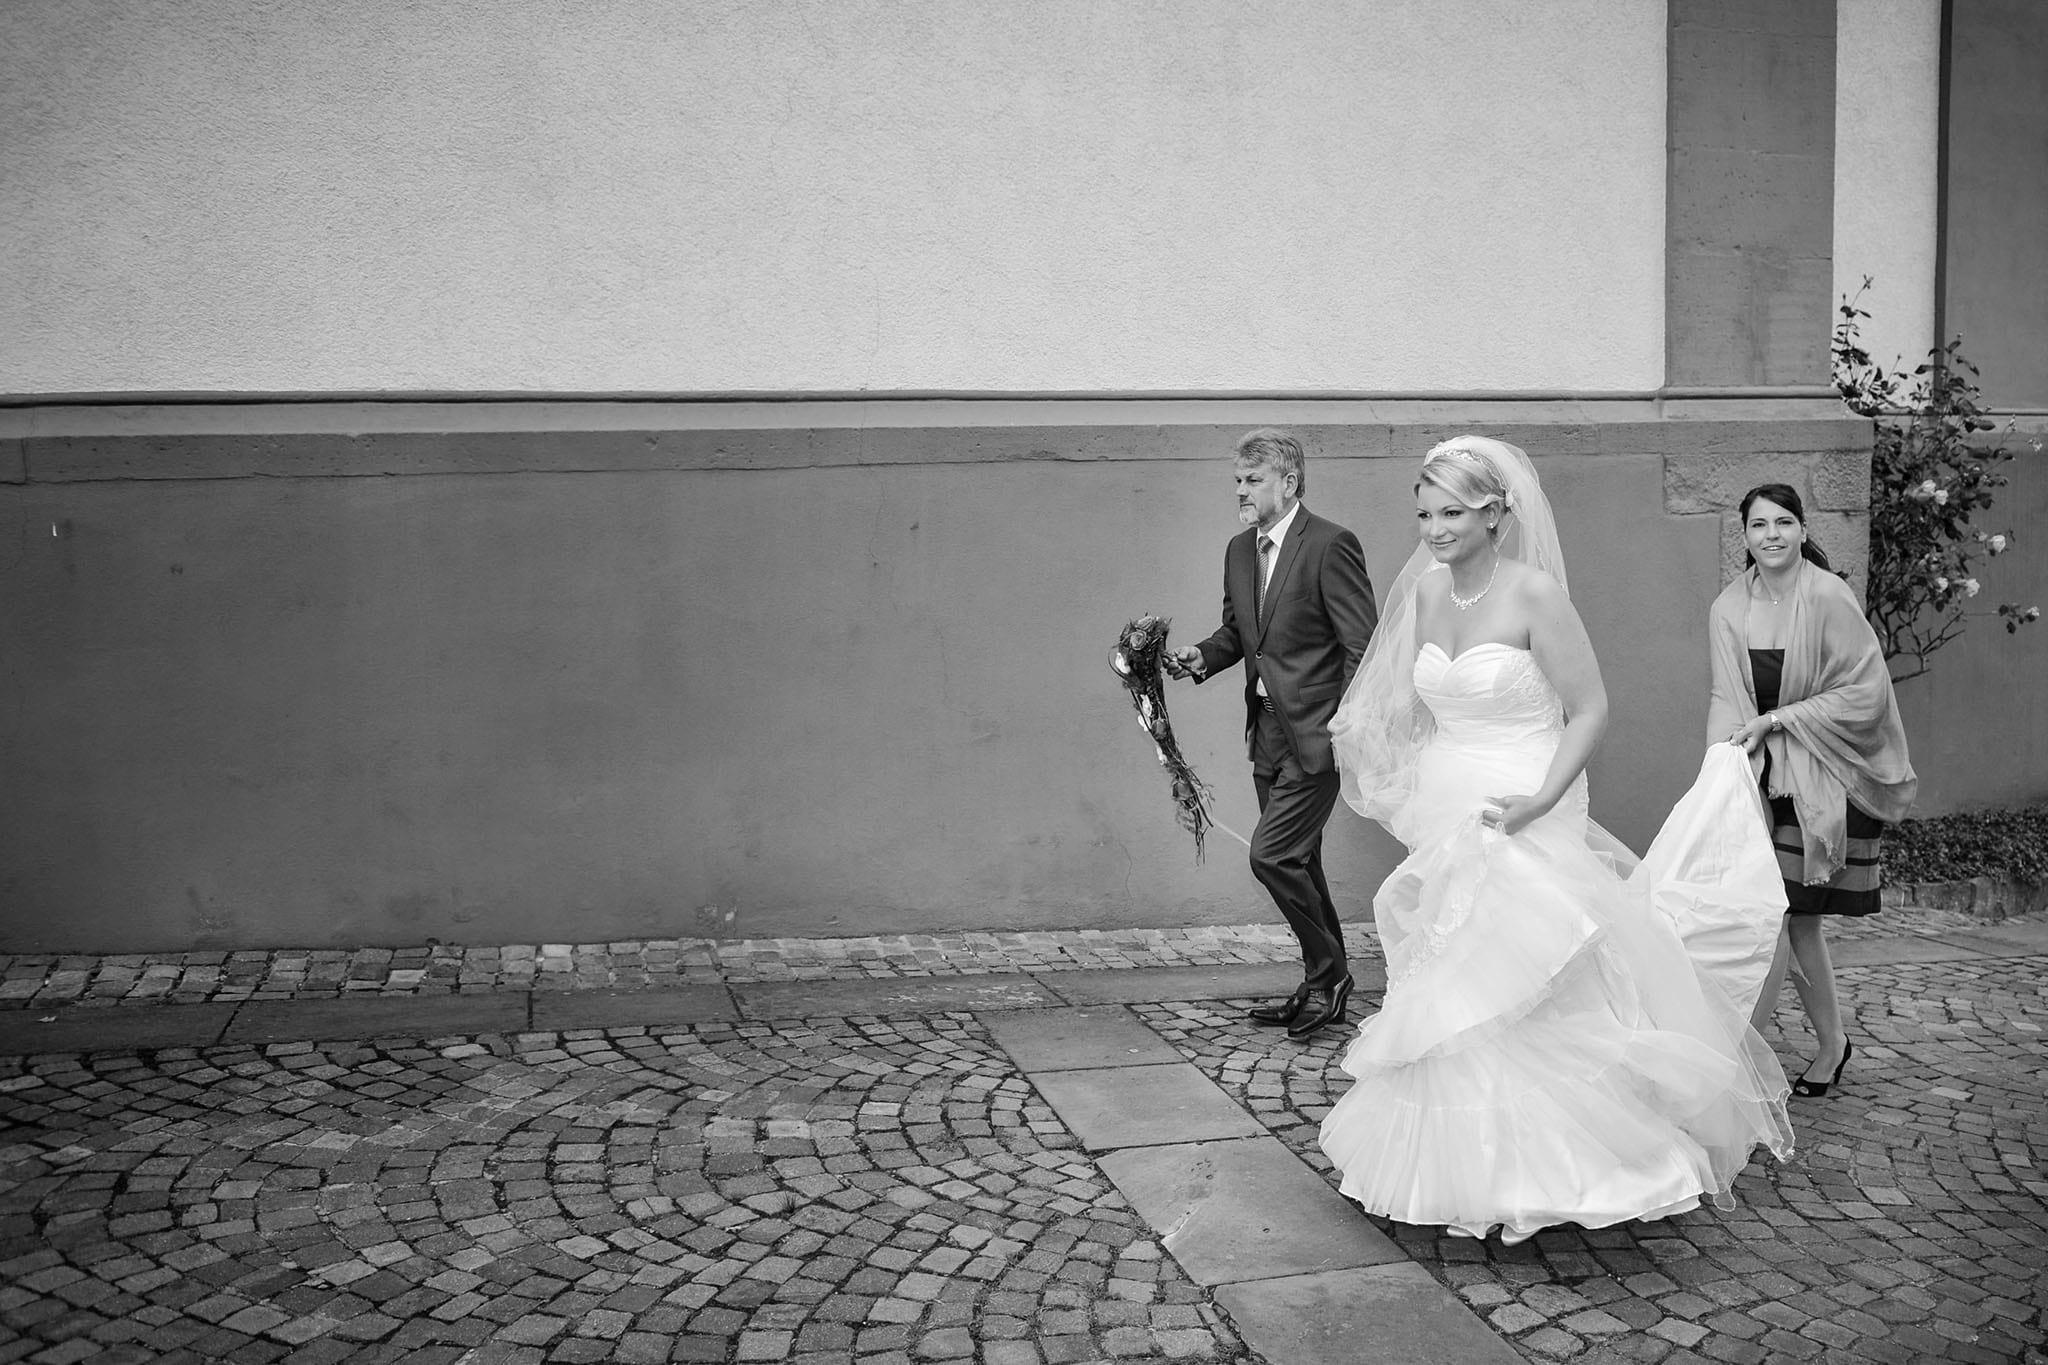 Hochzeit 038 Braut Hochzeit heiraten Kirche Brautvater Trauzeugin Hochzeitsfotografie Daniel Fuss Fotografie